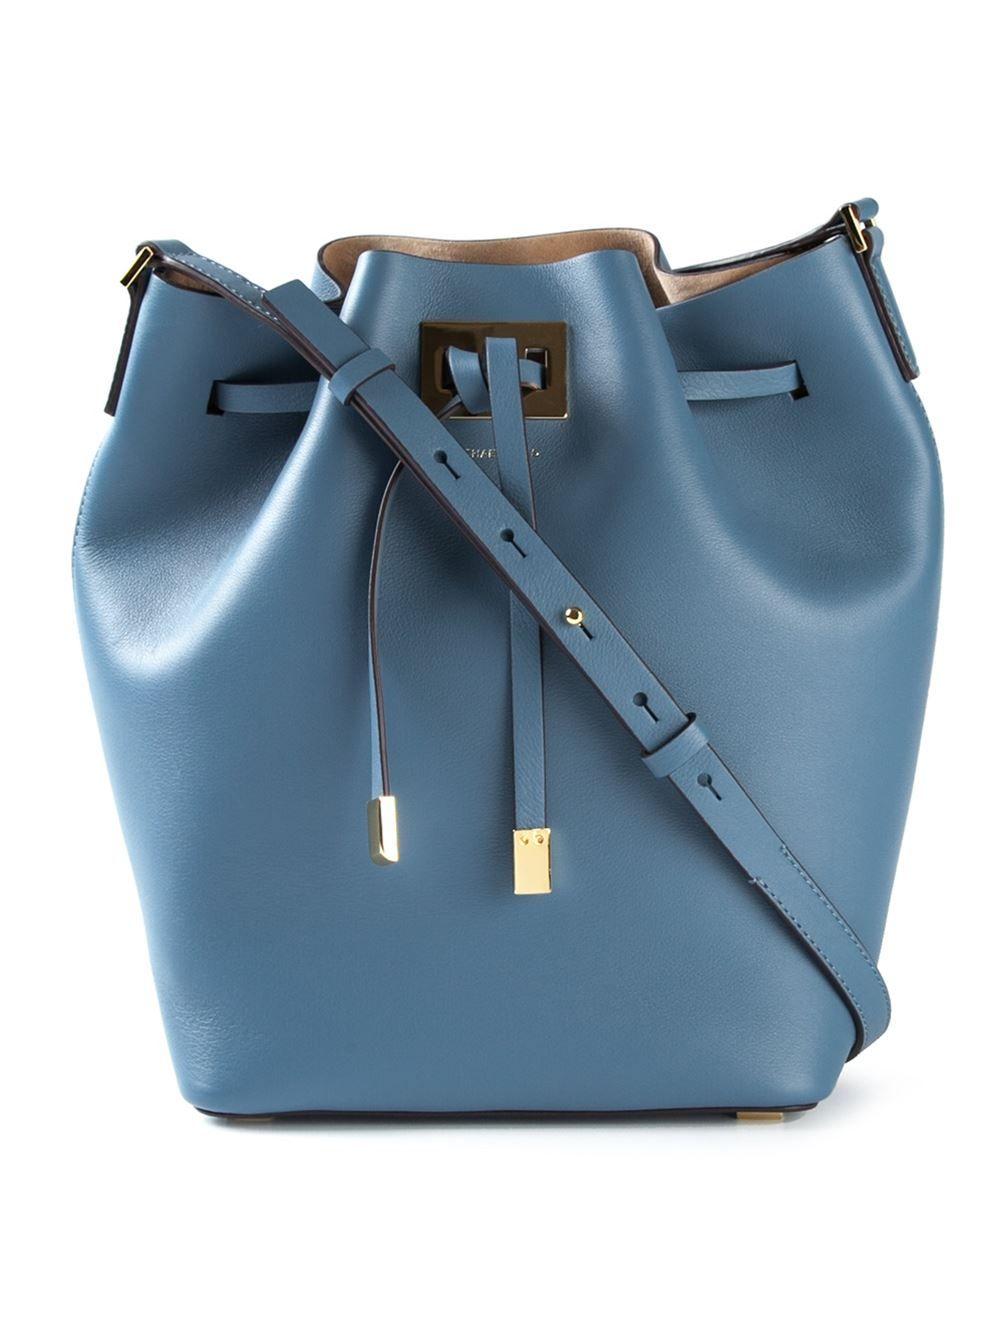 845dae808ae8 Michael Kors 'miranda' Bucket Bag - Smets - Farfetch.com | Bags ...